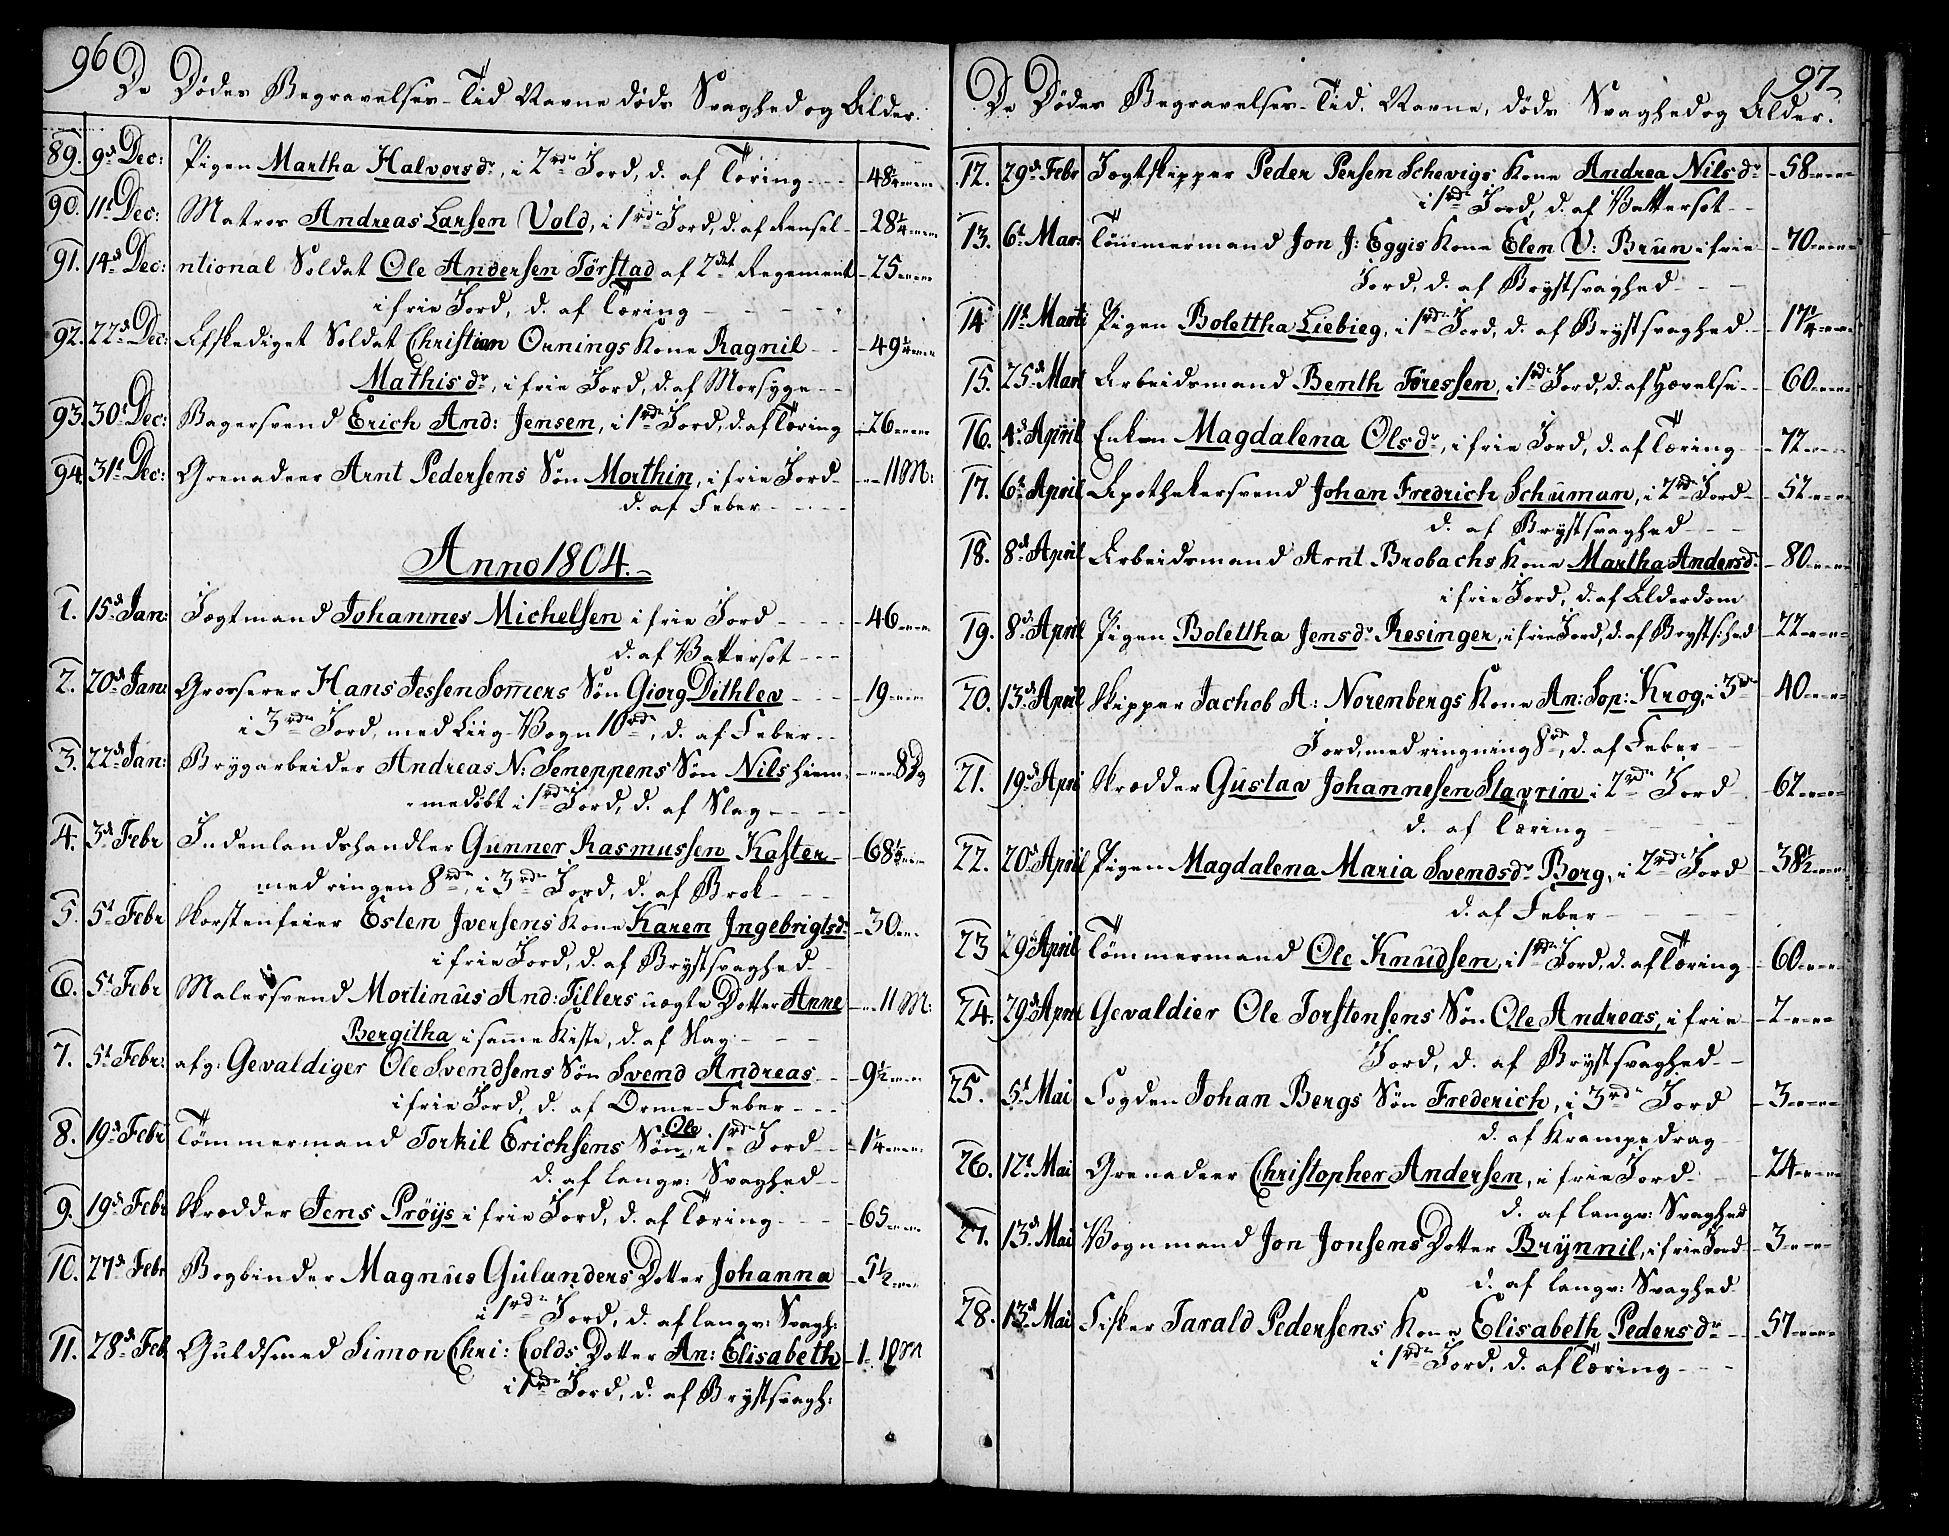 SAT, Ministerialprotokoller, klokkerbøker og fødselsregistre - Sør-Trøndelag, 602/L0106: Ministerialbok nr. 602A04, 1774-1814, s. 96-97